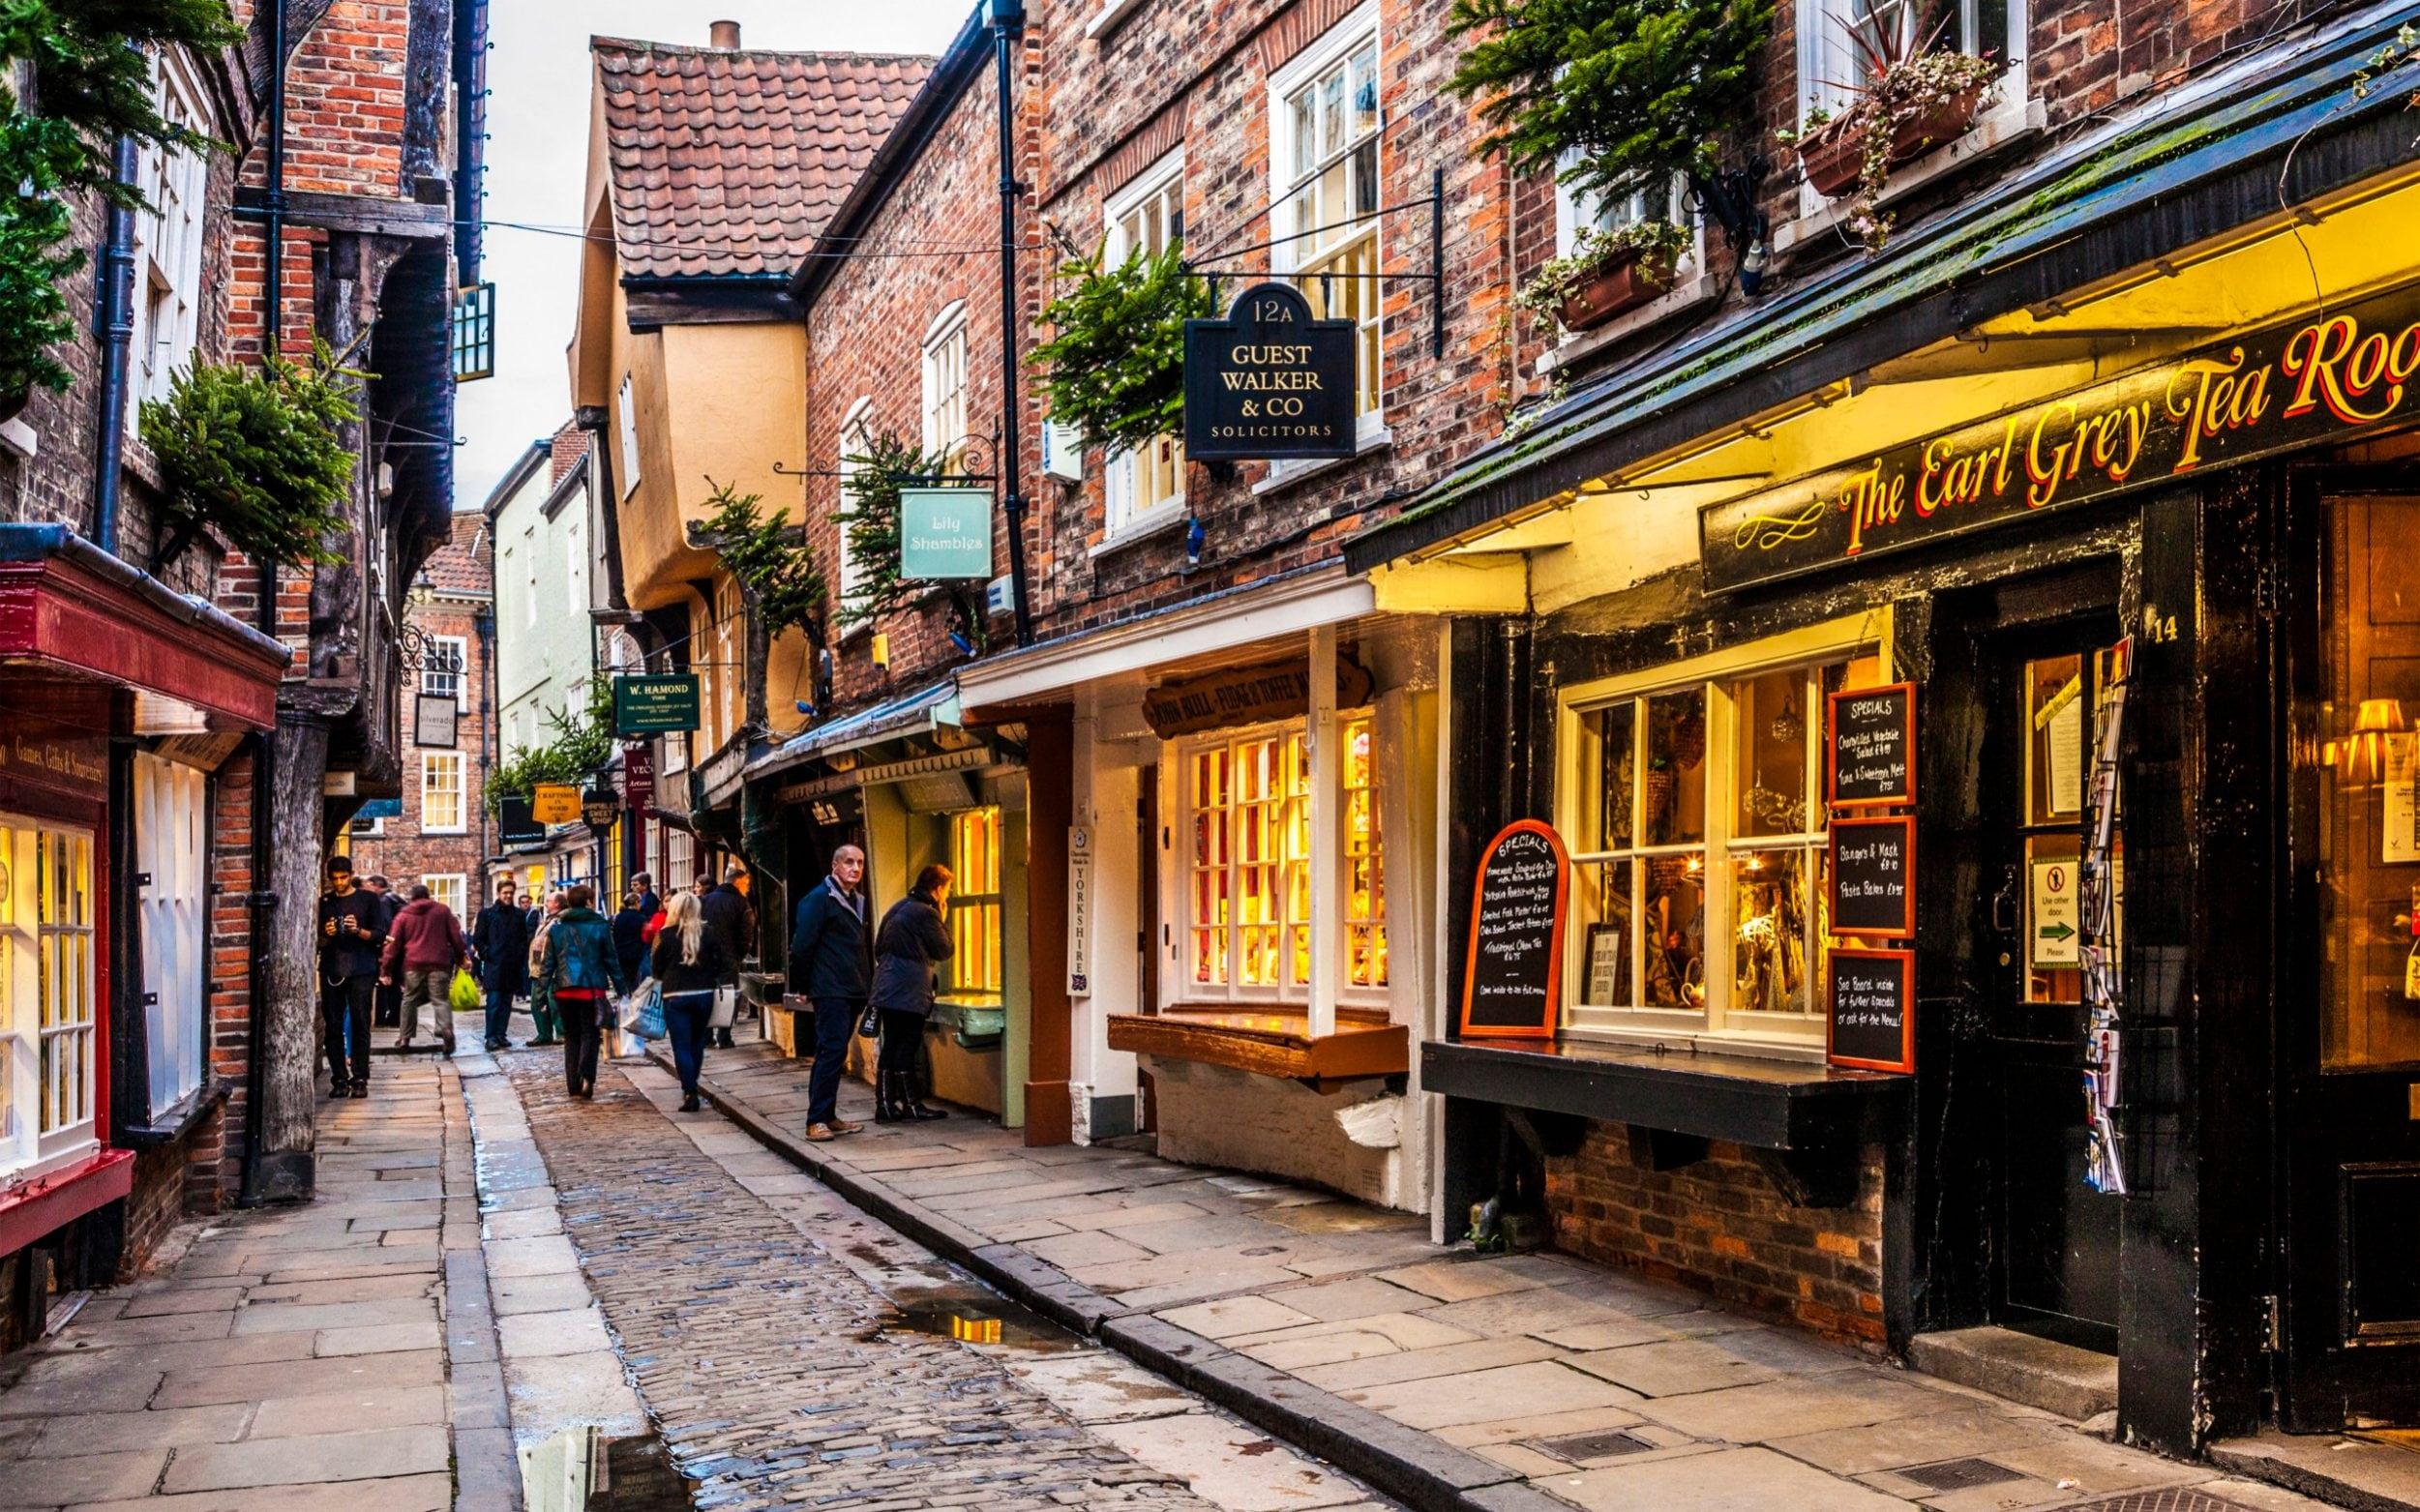 khu phố cổ kính ở York